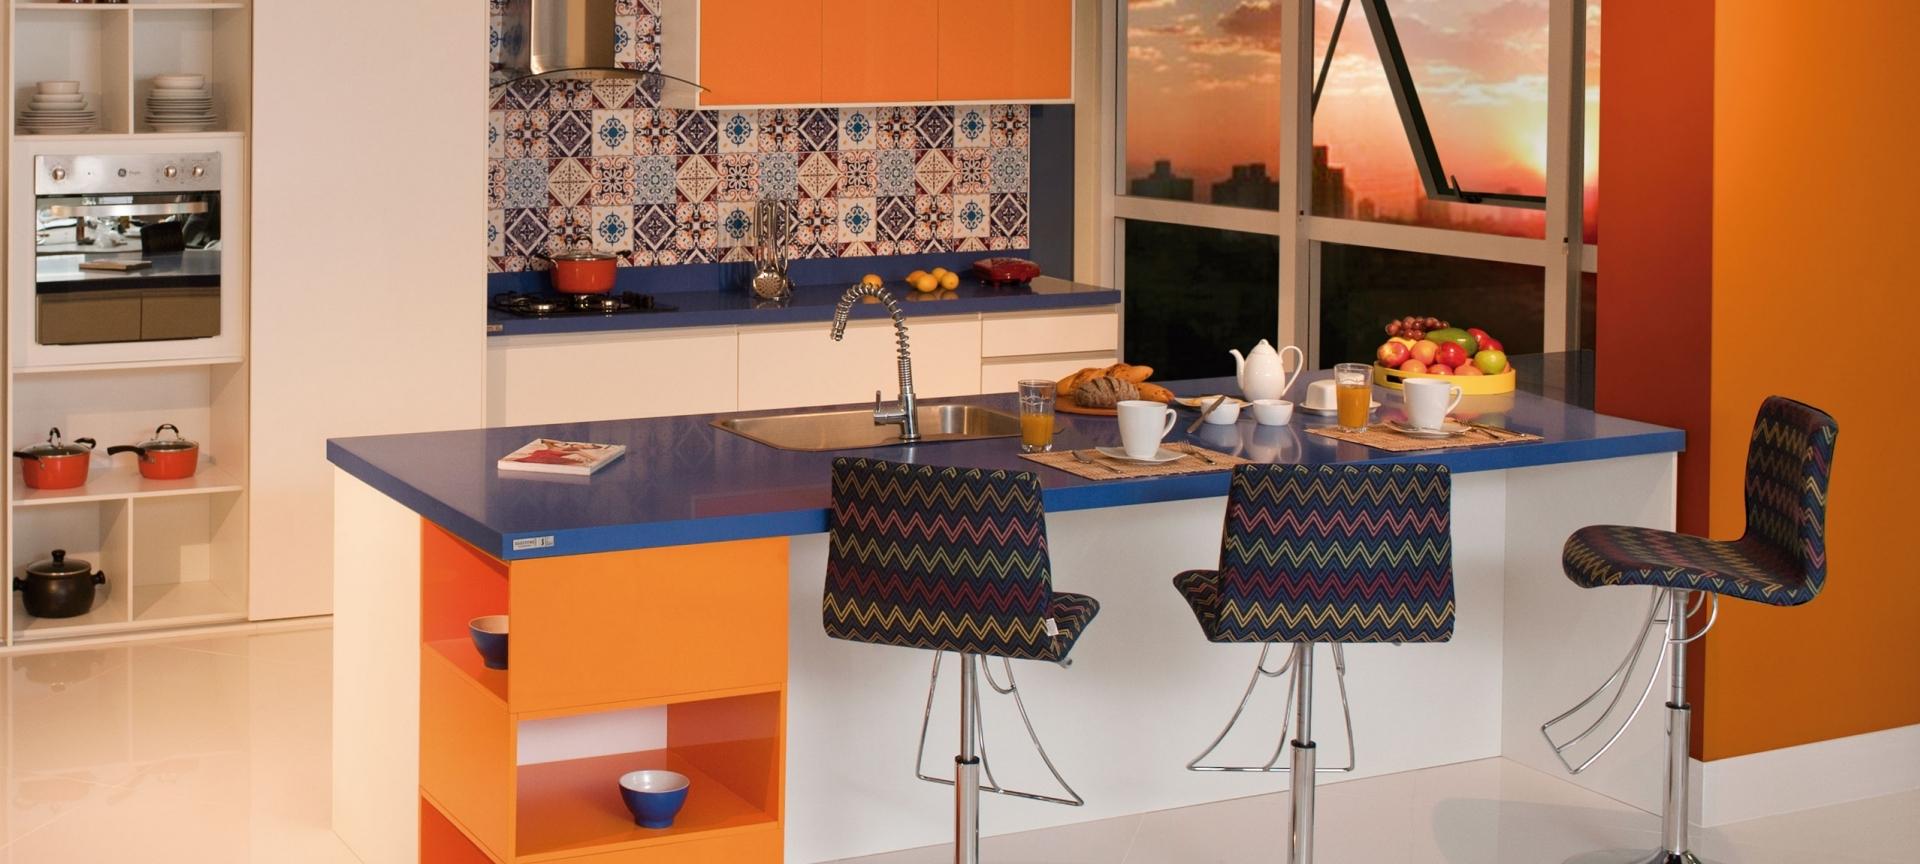 Onde Encontrar Cozinha Planejada Americana no Capelinha - Cozinha Modulada